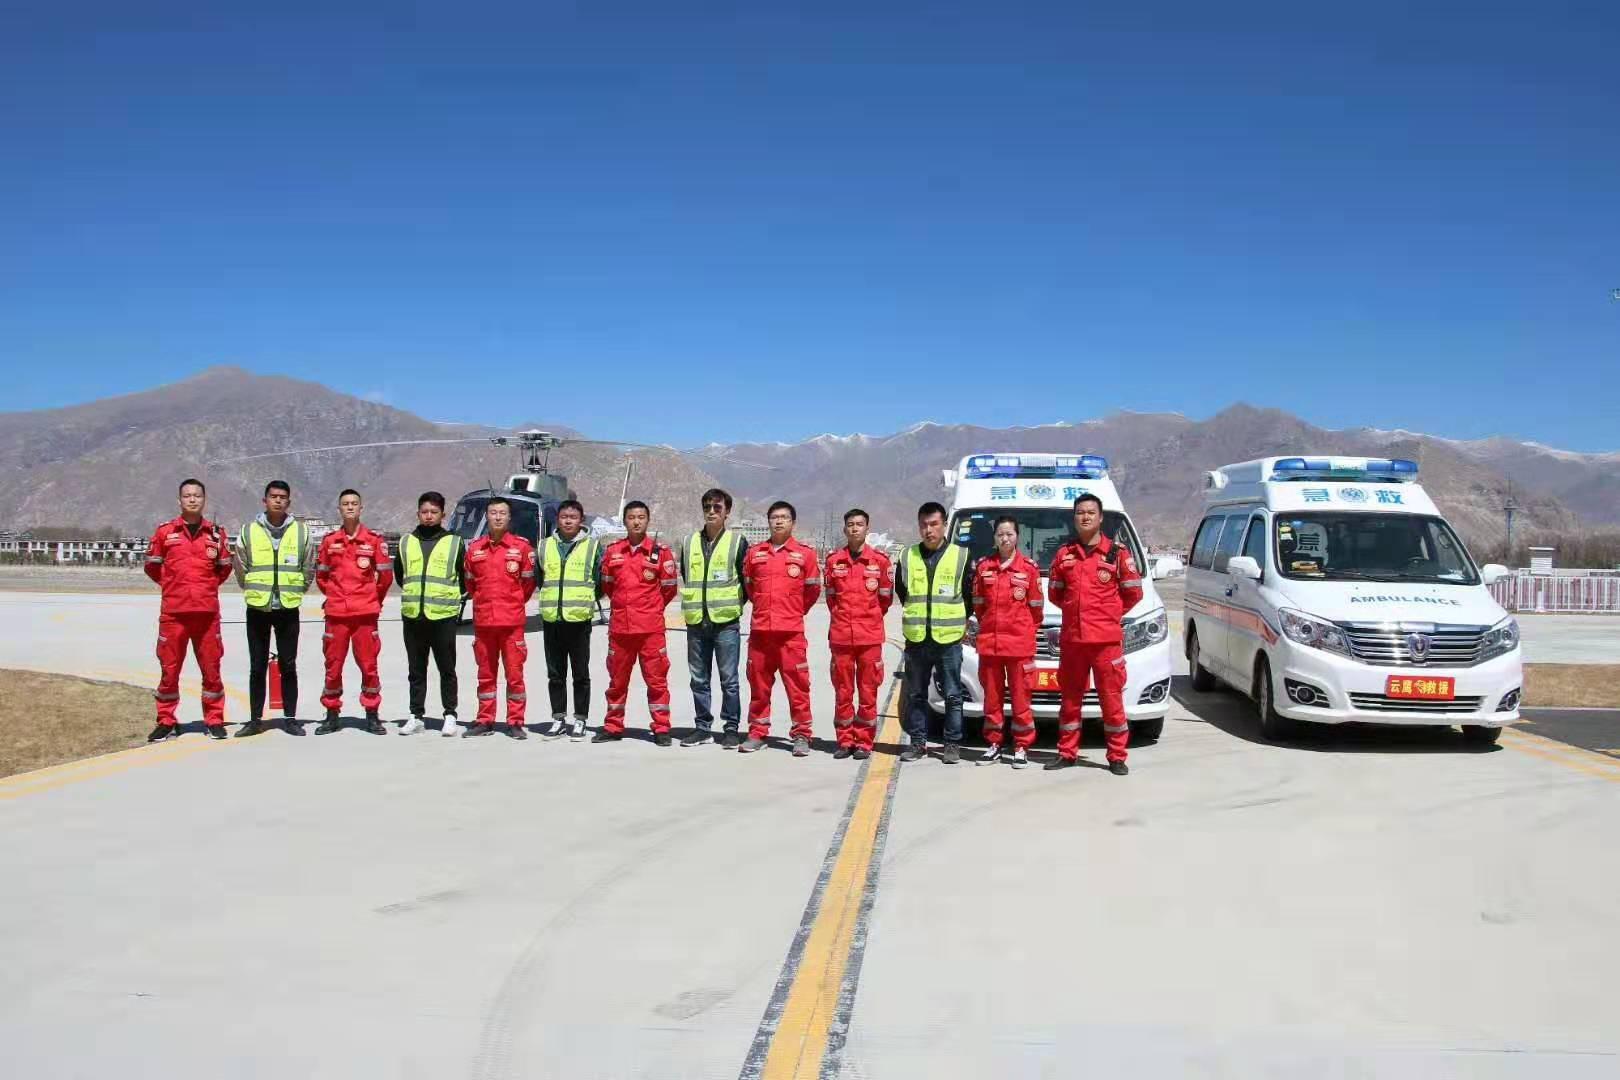 联合一切救援力量,为藏地人民保驾护航